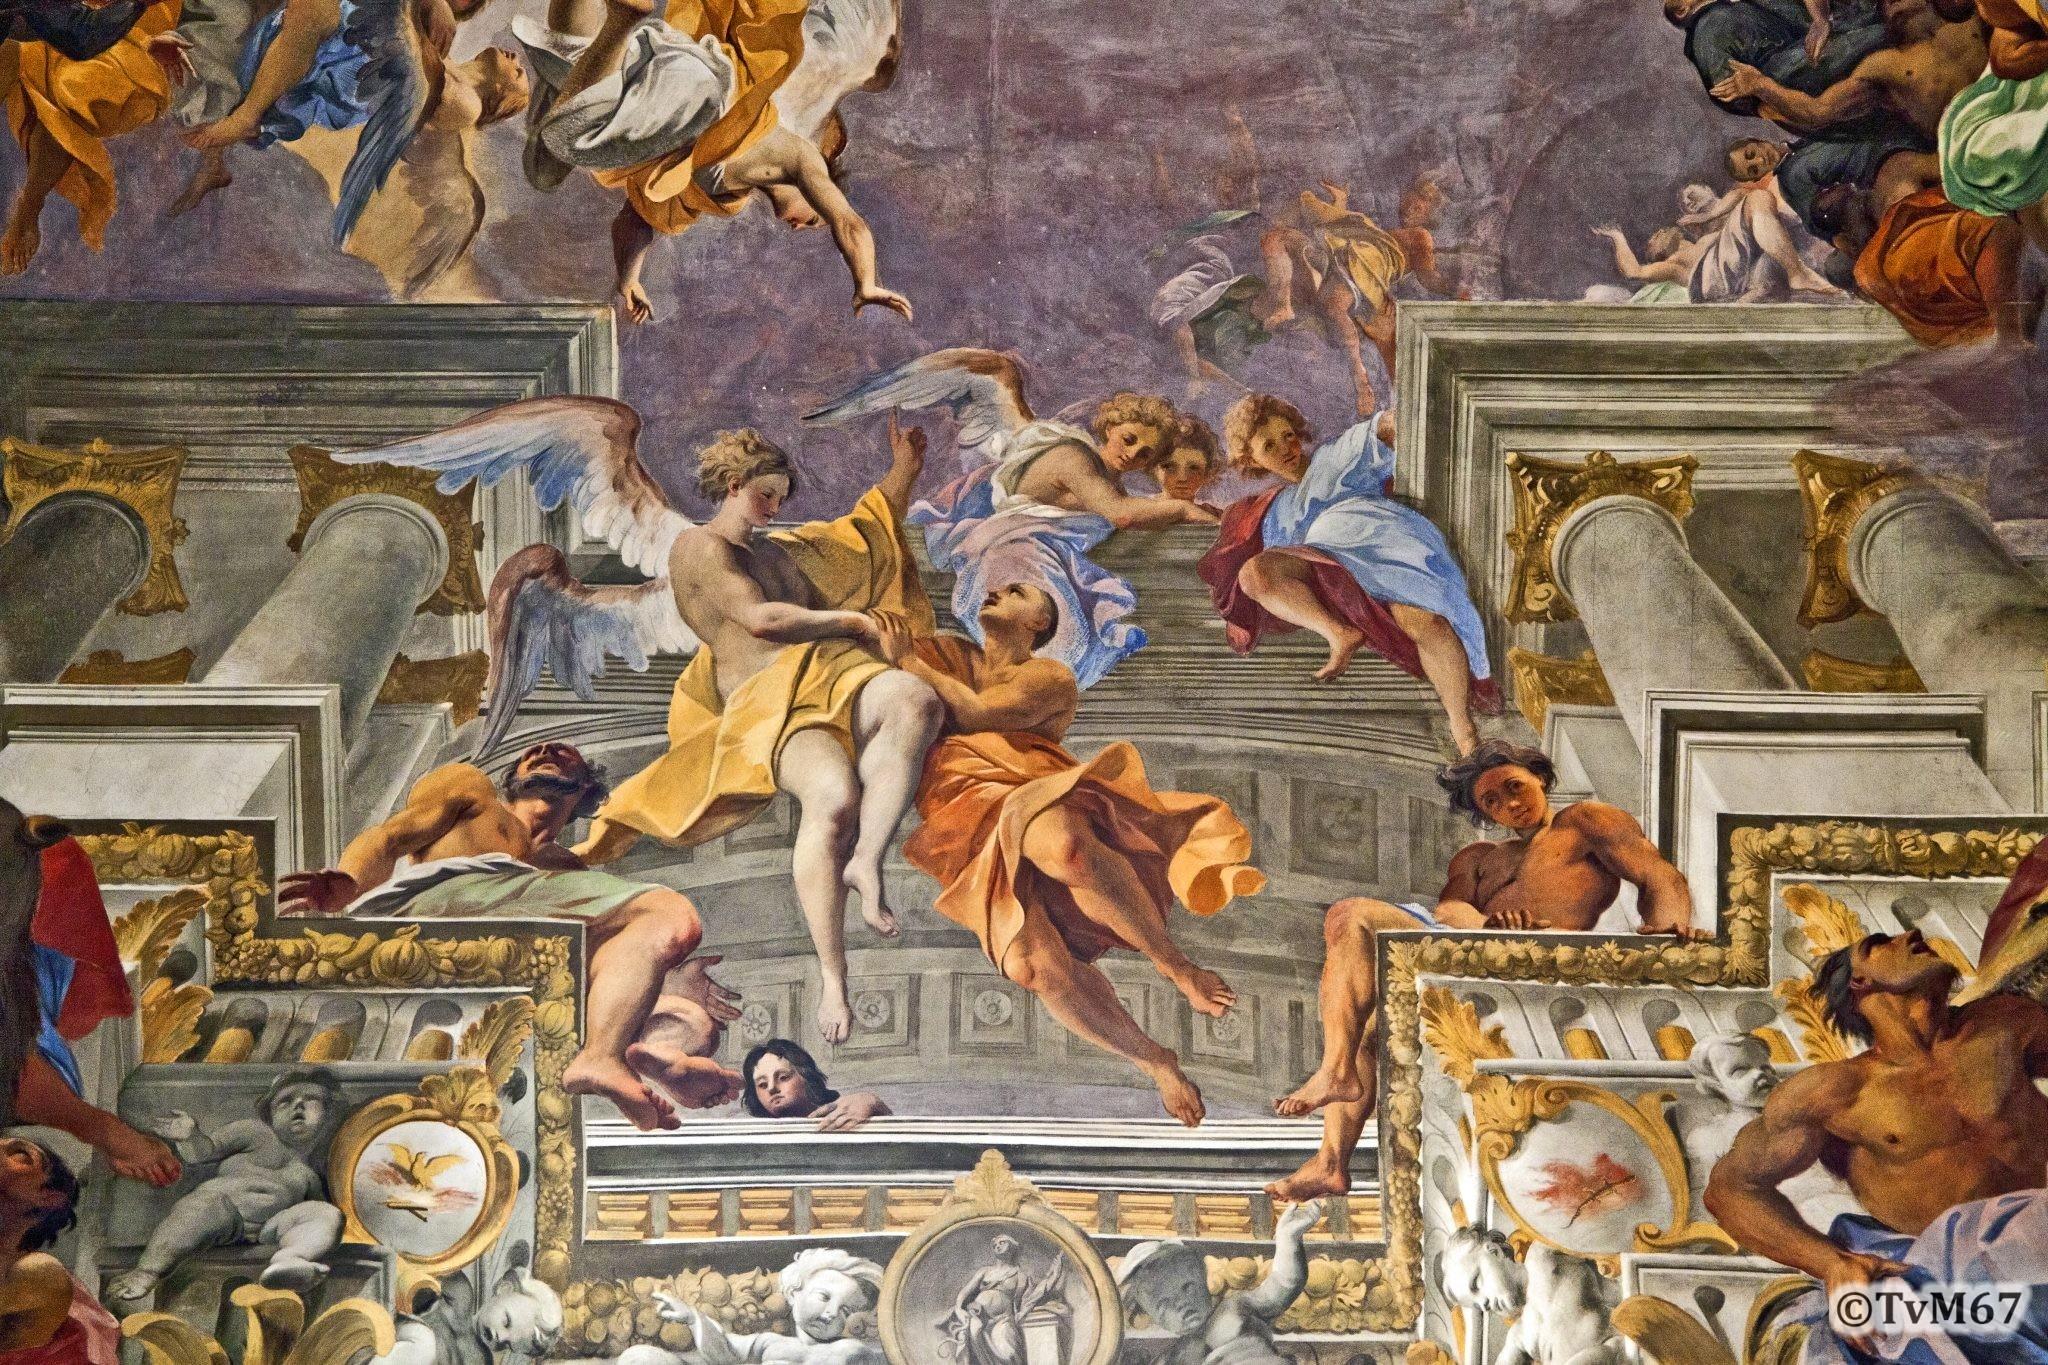 Roma, Chiesa di Sant'Ignazio, Middenschip, Pozzo, Plafond, detail 3, 2011